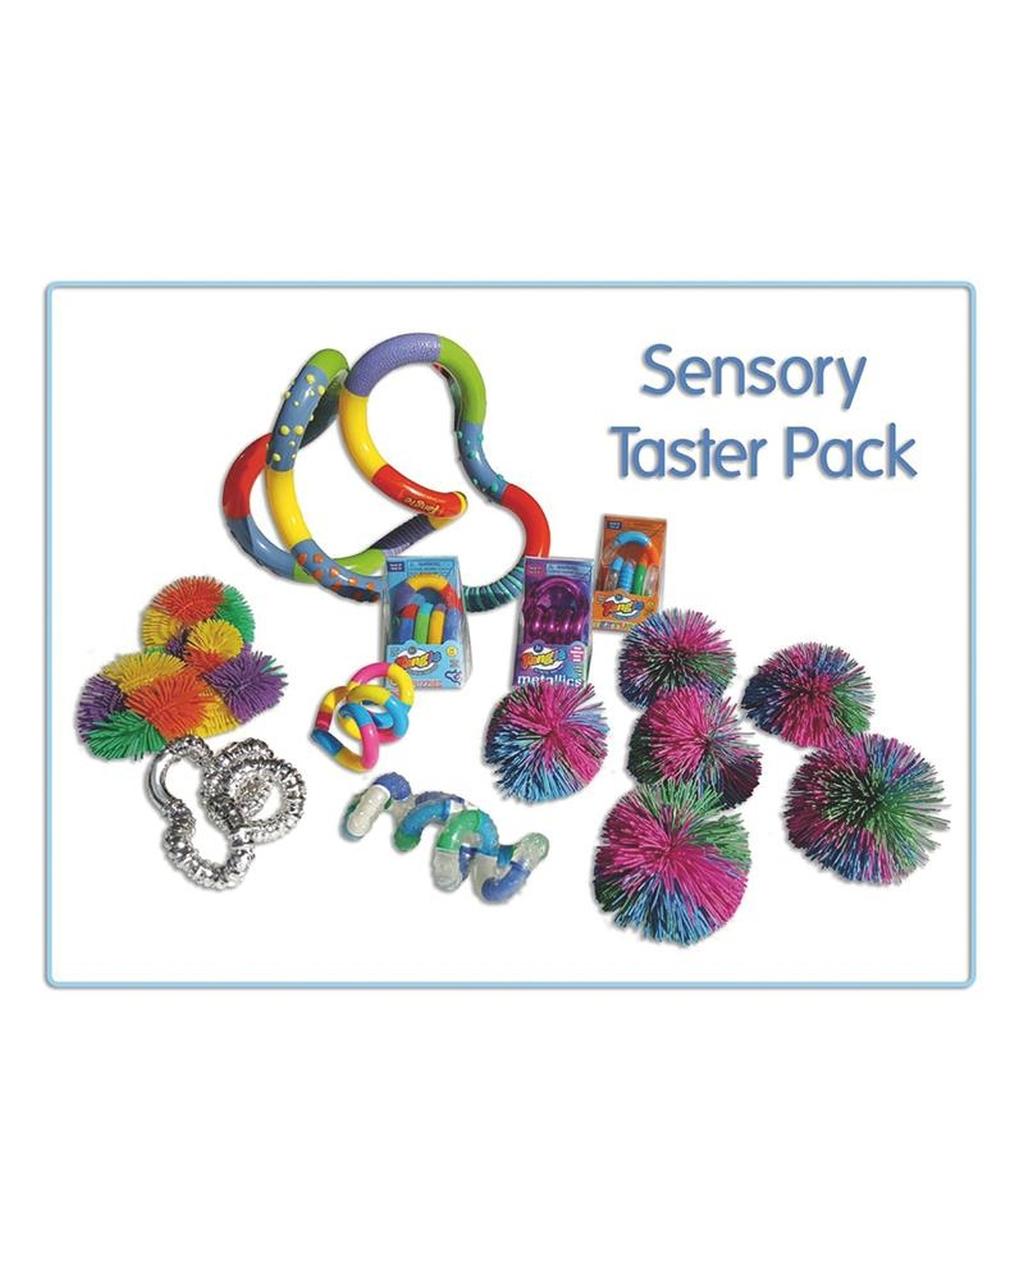 Sensory Taster Pack